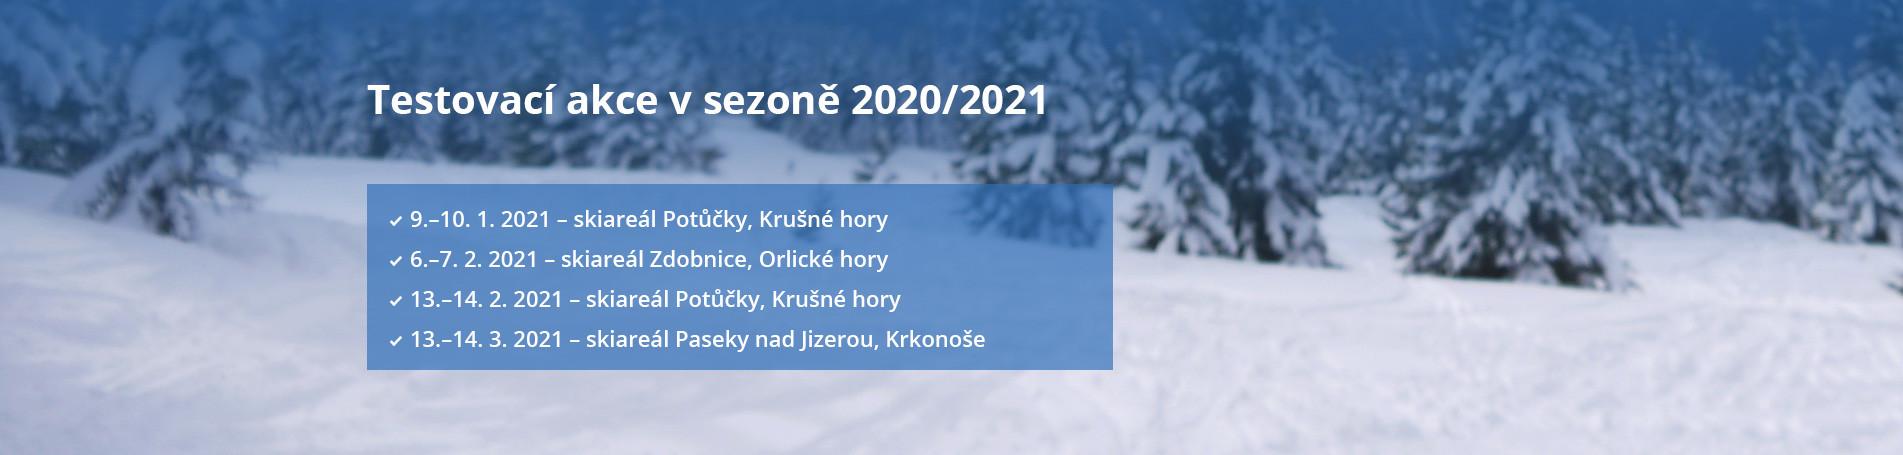 Testovací akce v sezoně 2020/2021